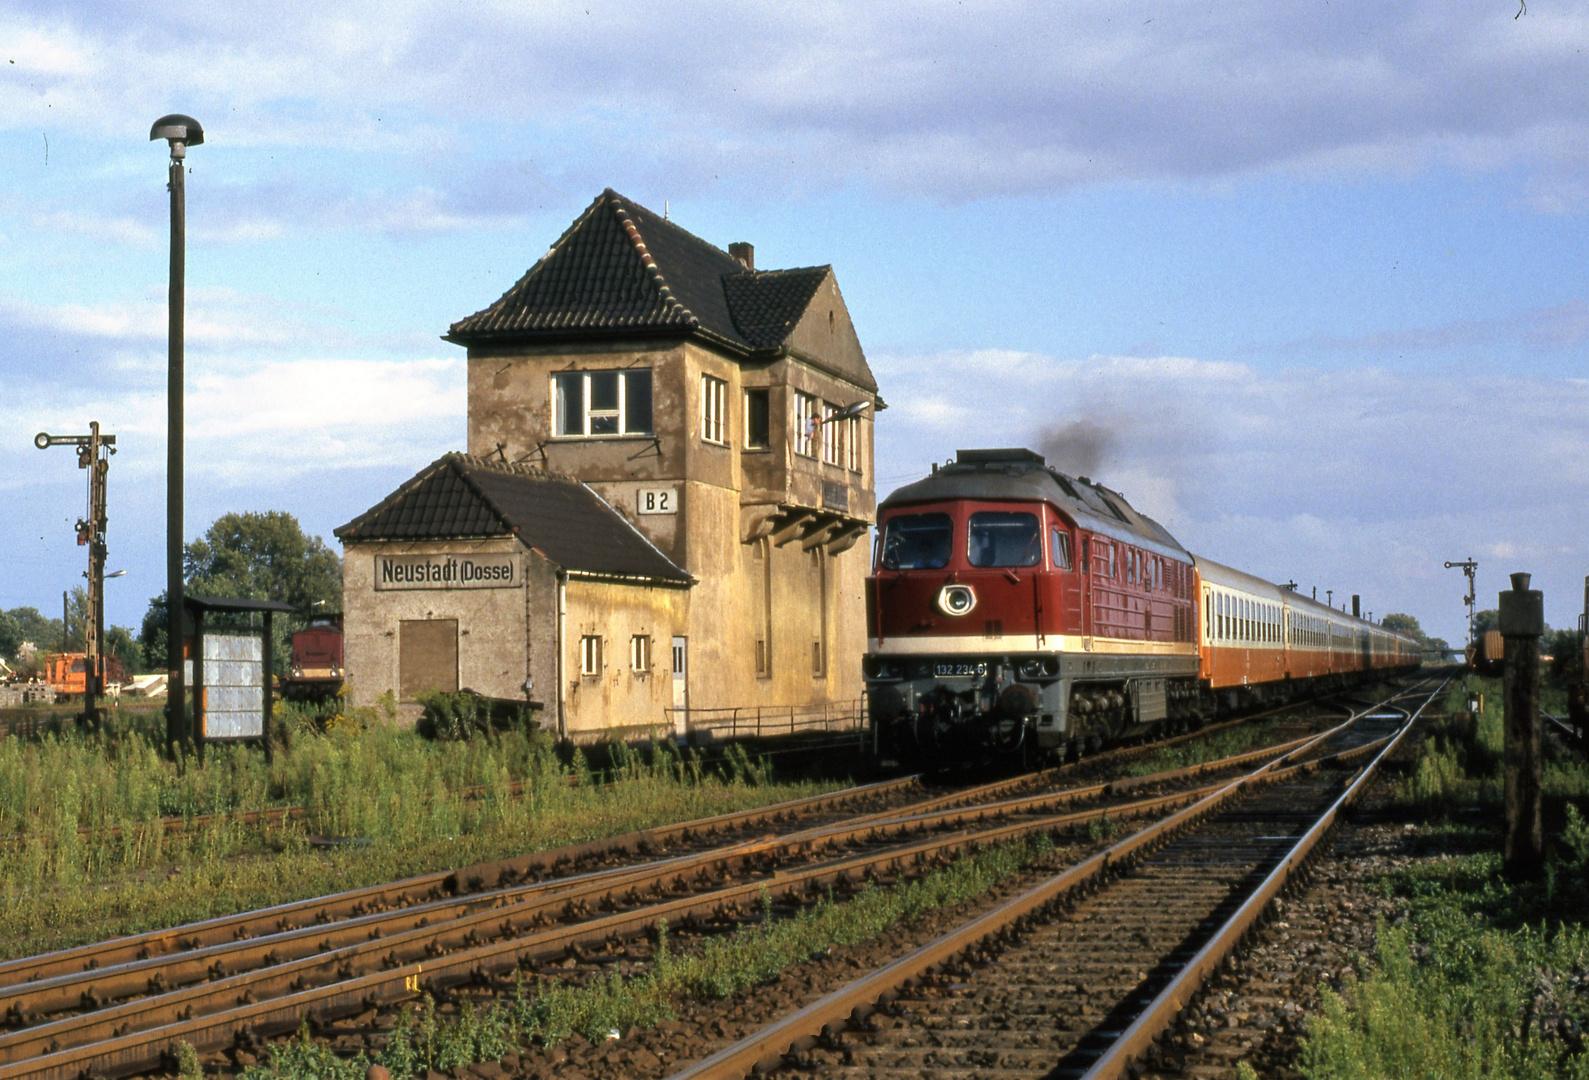 EX 136 in  Neustadt/Dosse